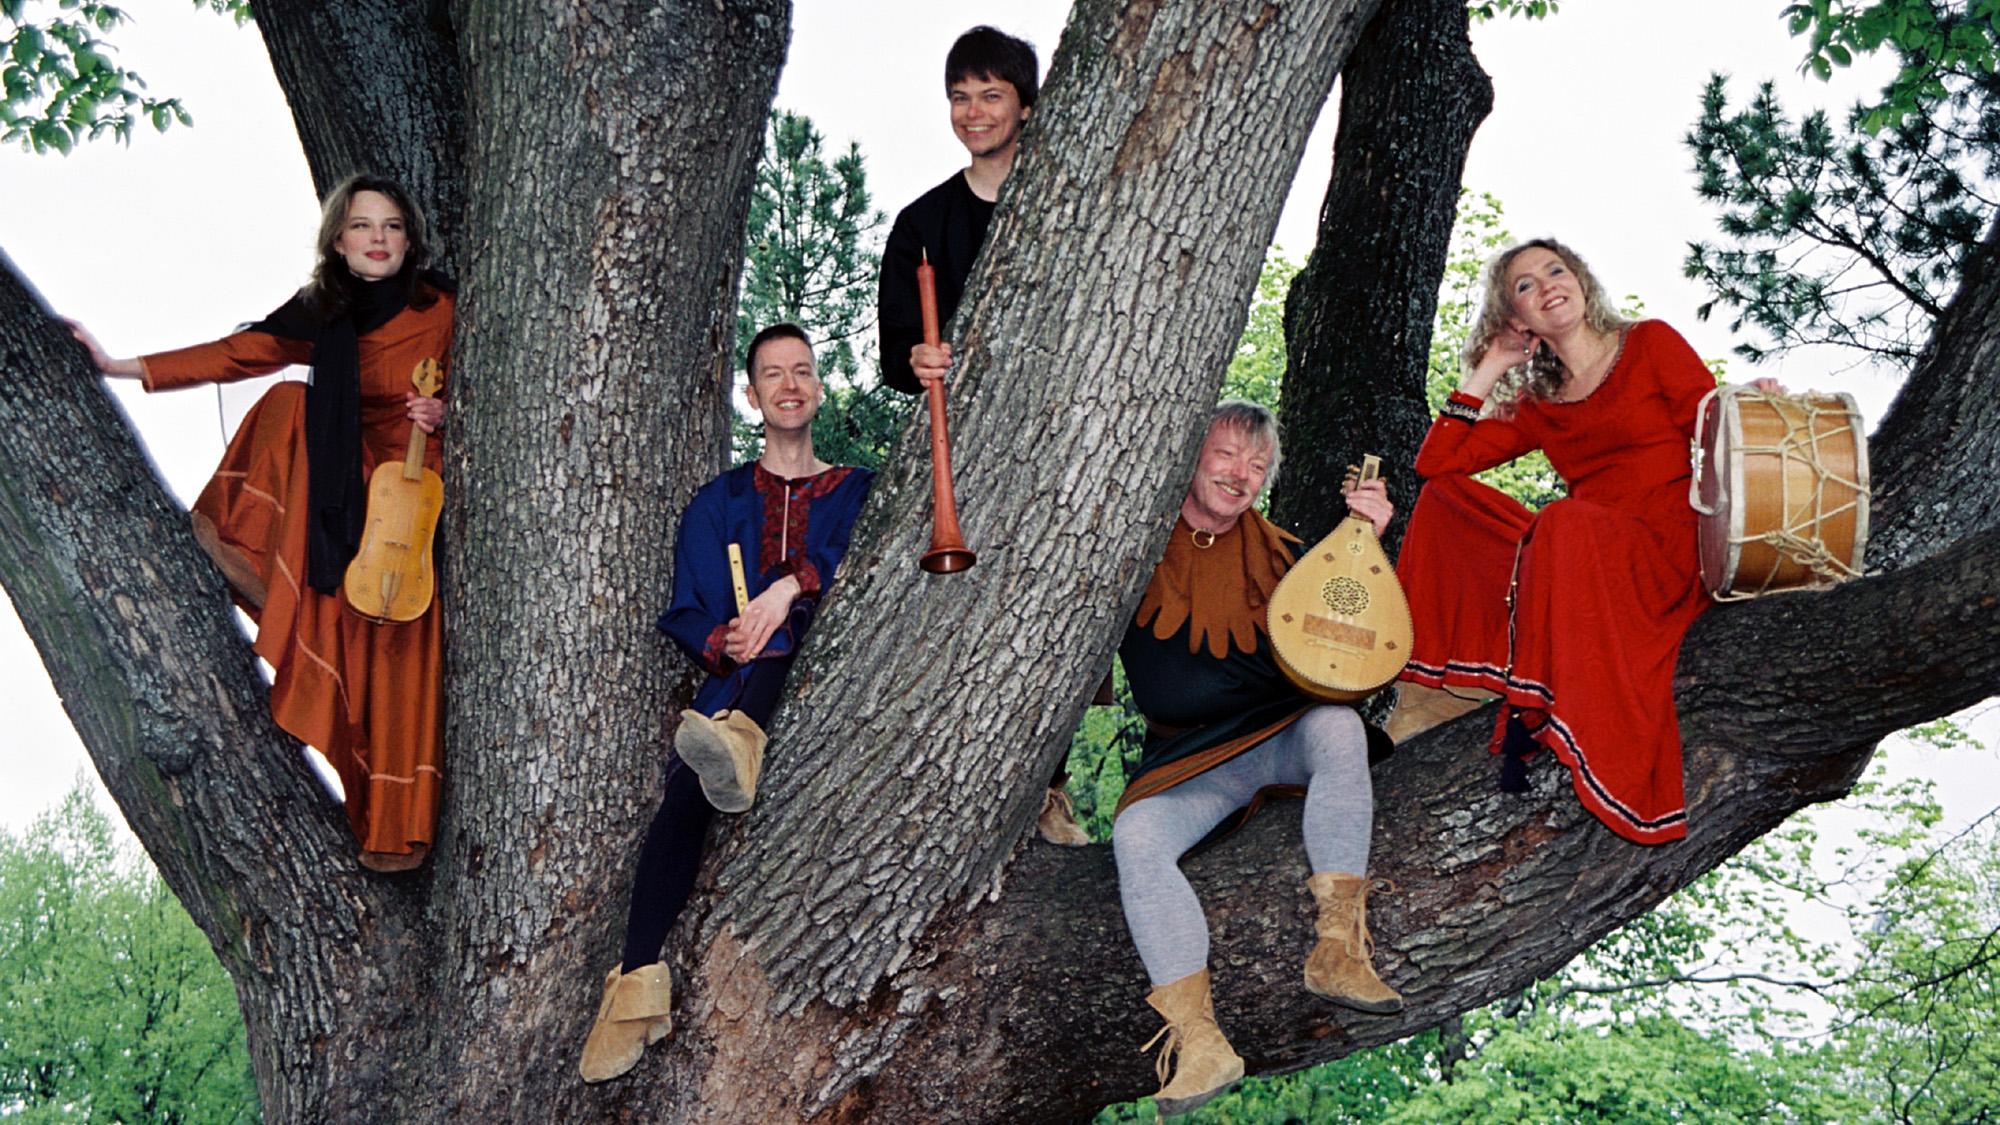 Ensemble Oliphant. Kuva: Saara Pelkonen